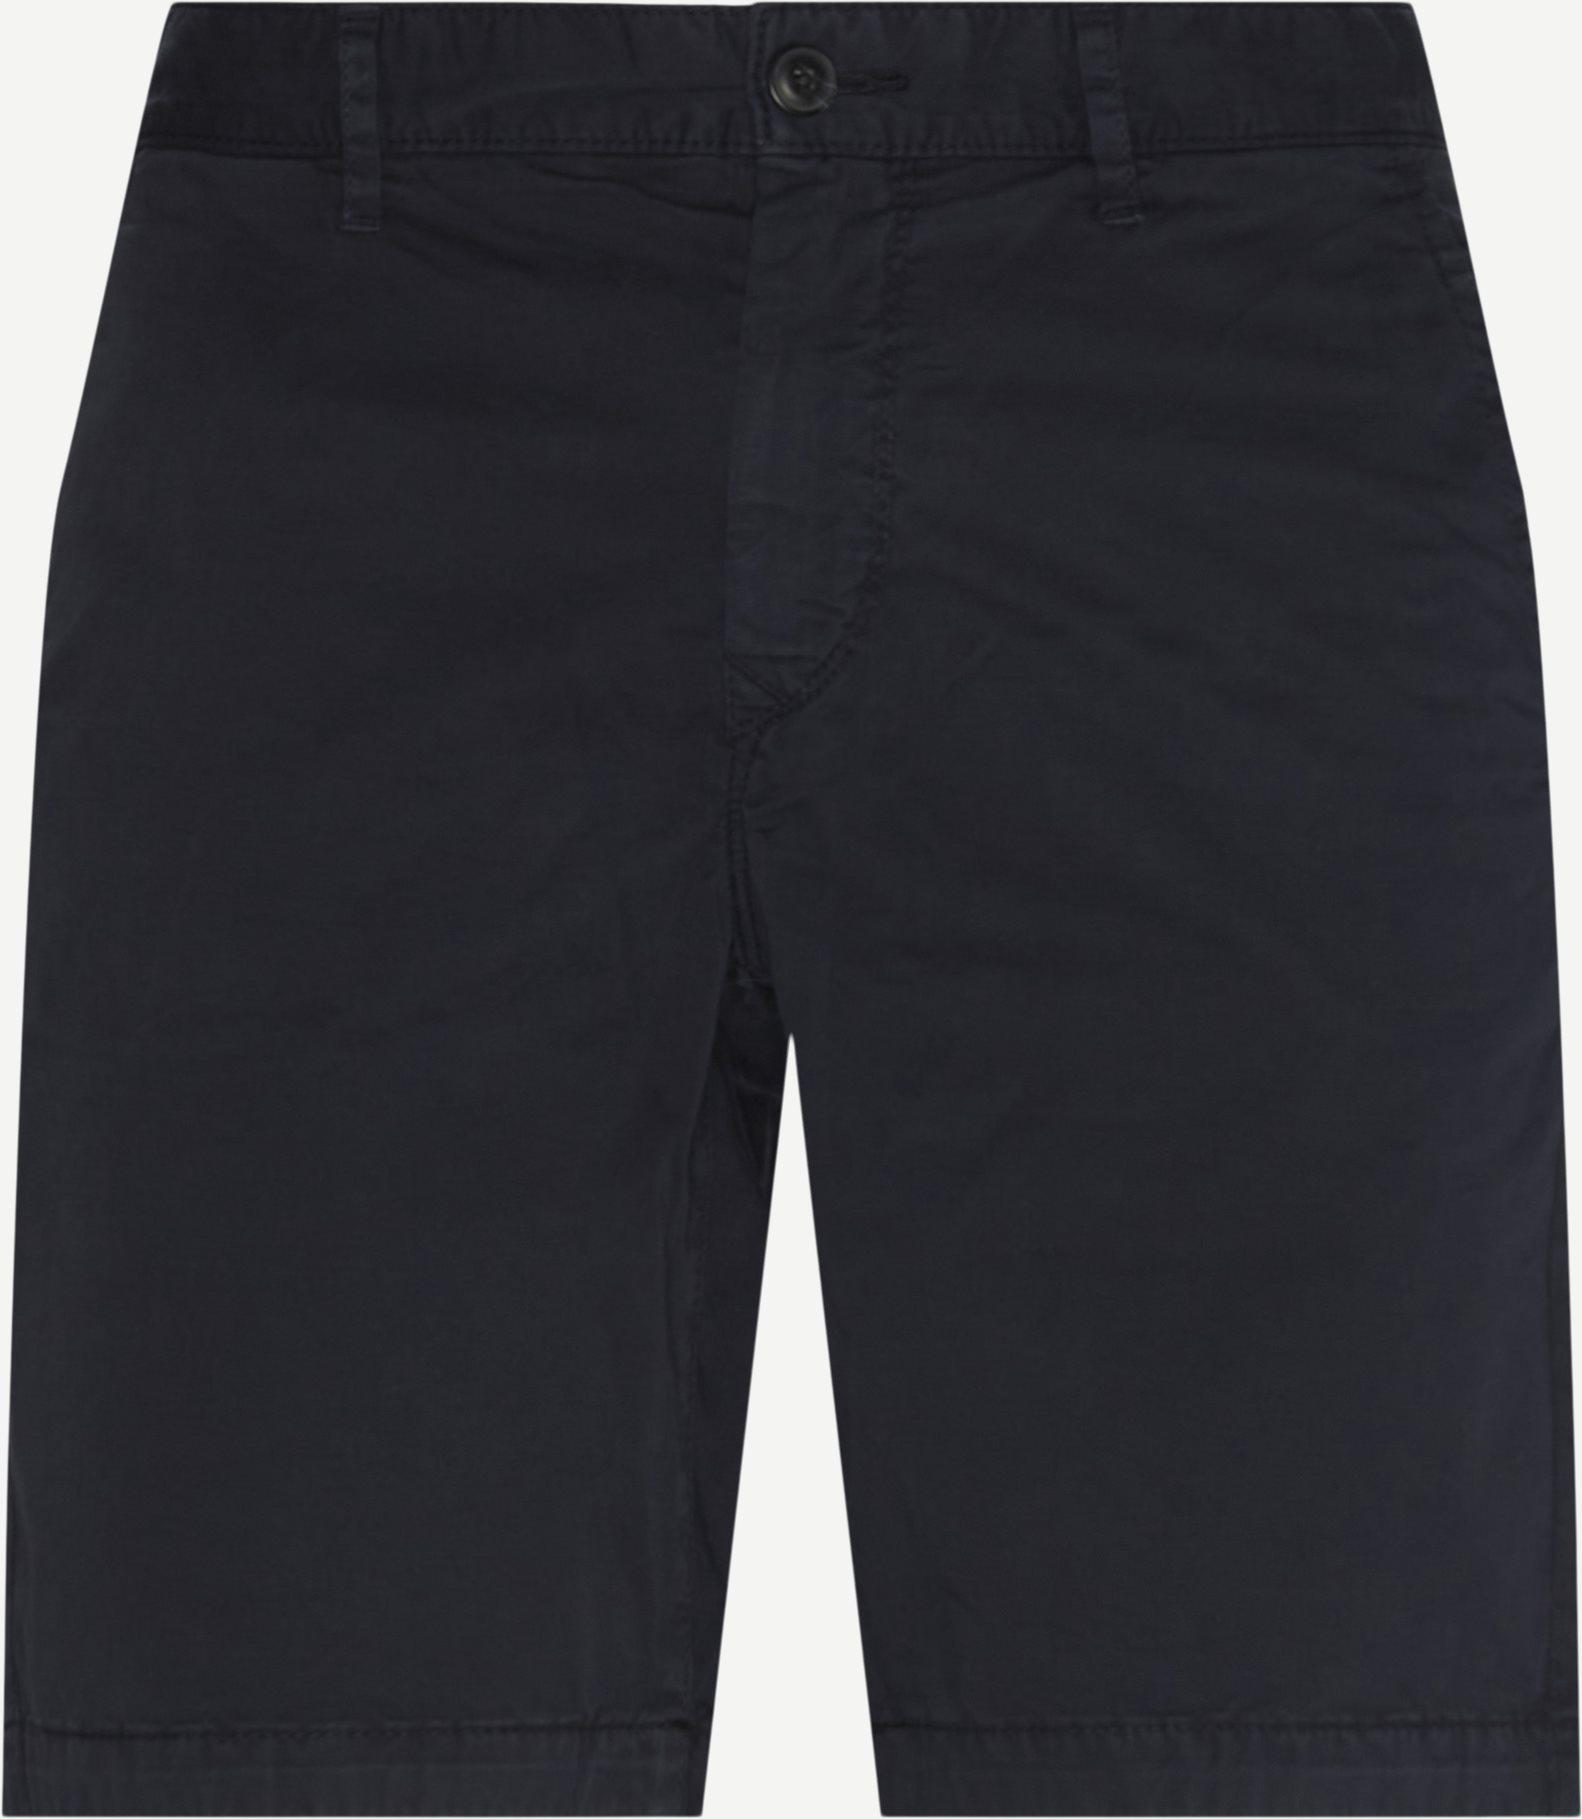 Shorts - Slim fit - Blau